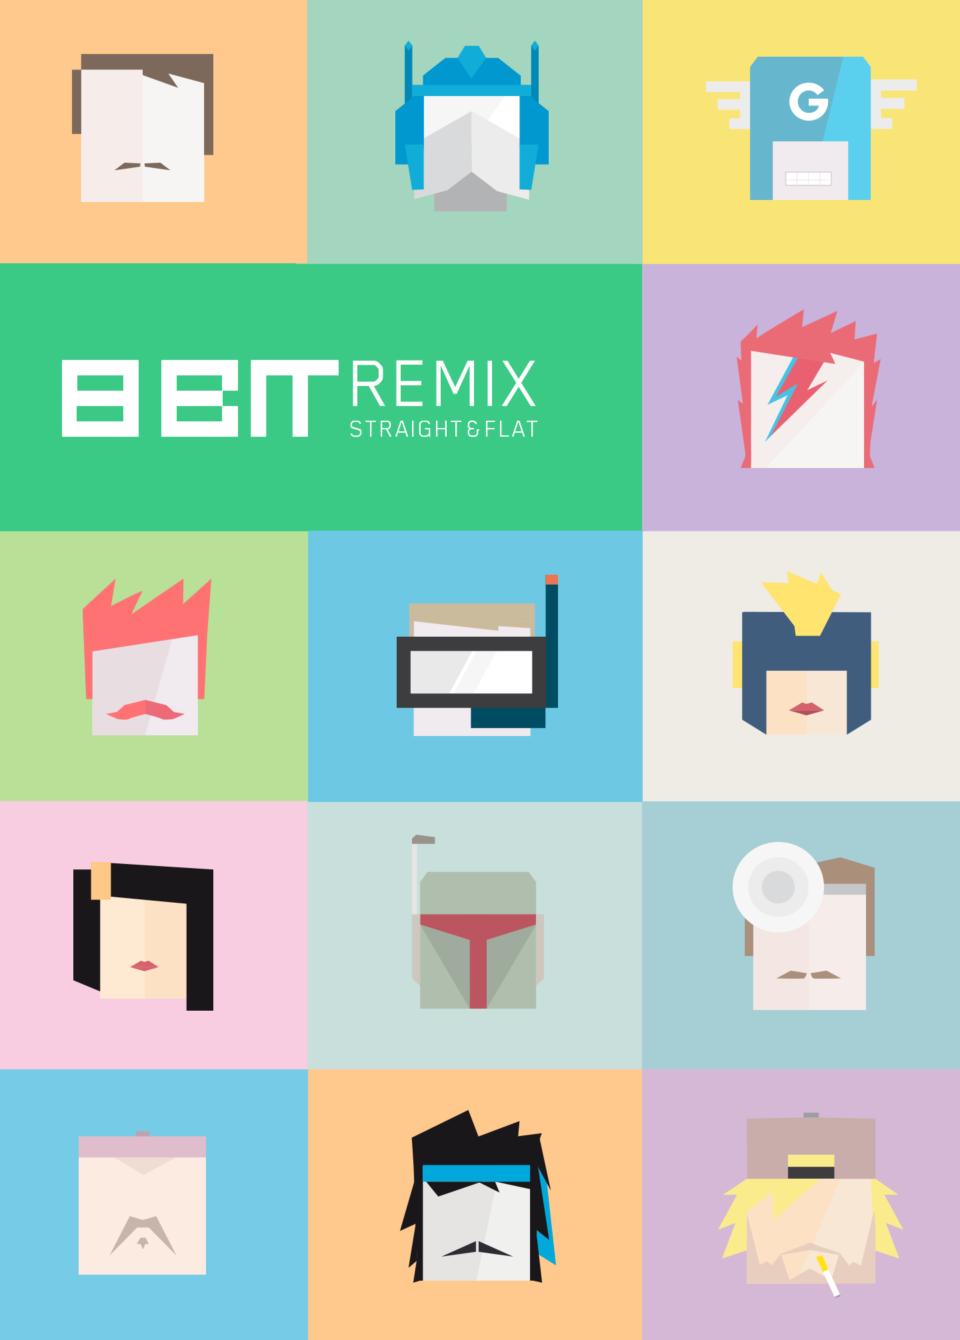 8bit_remix_collection